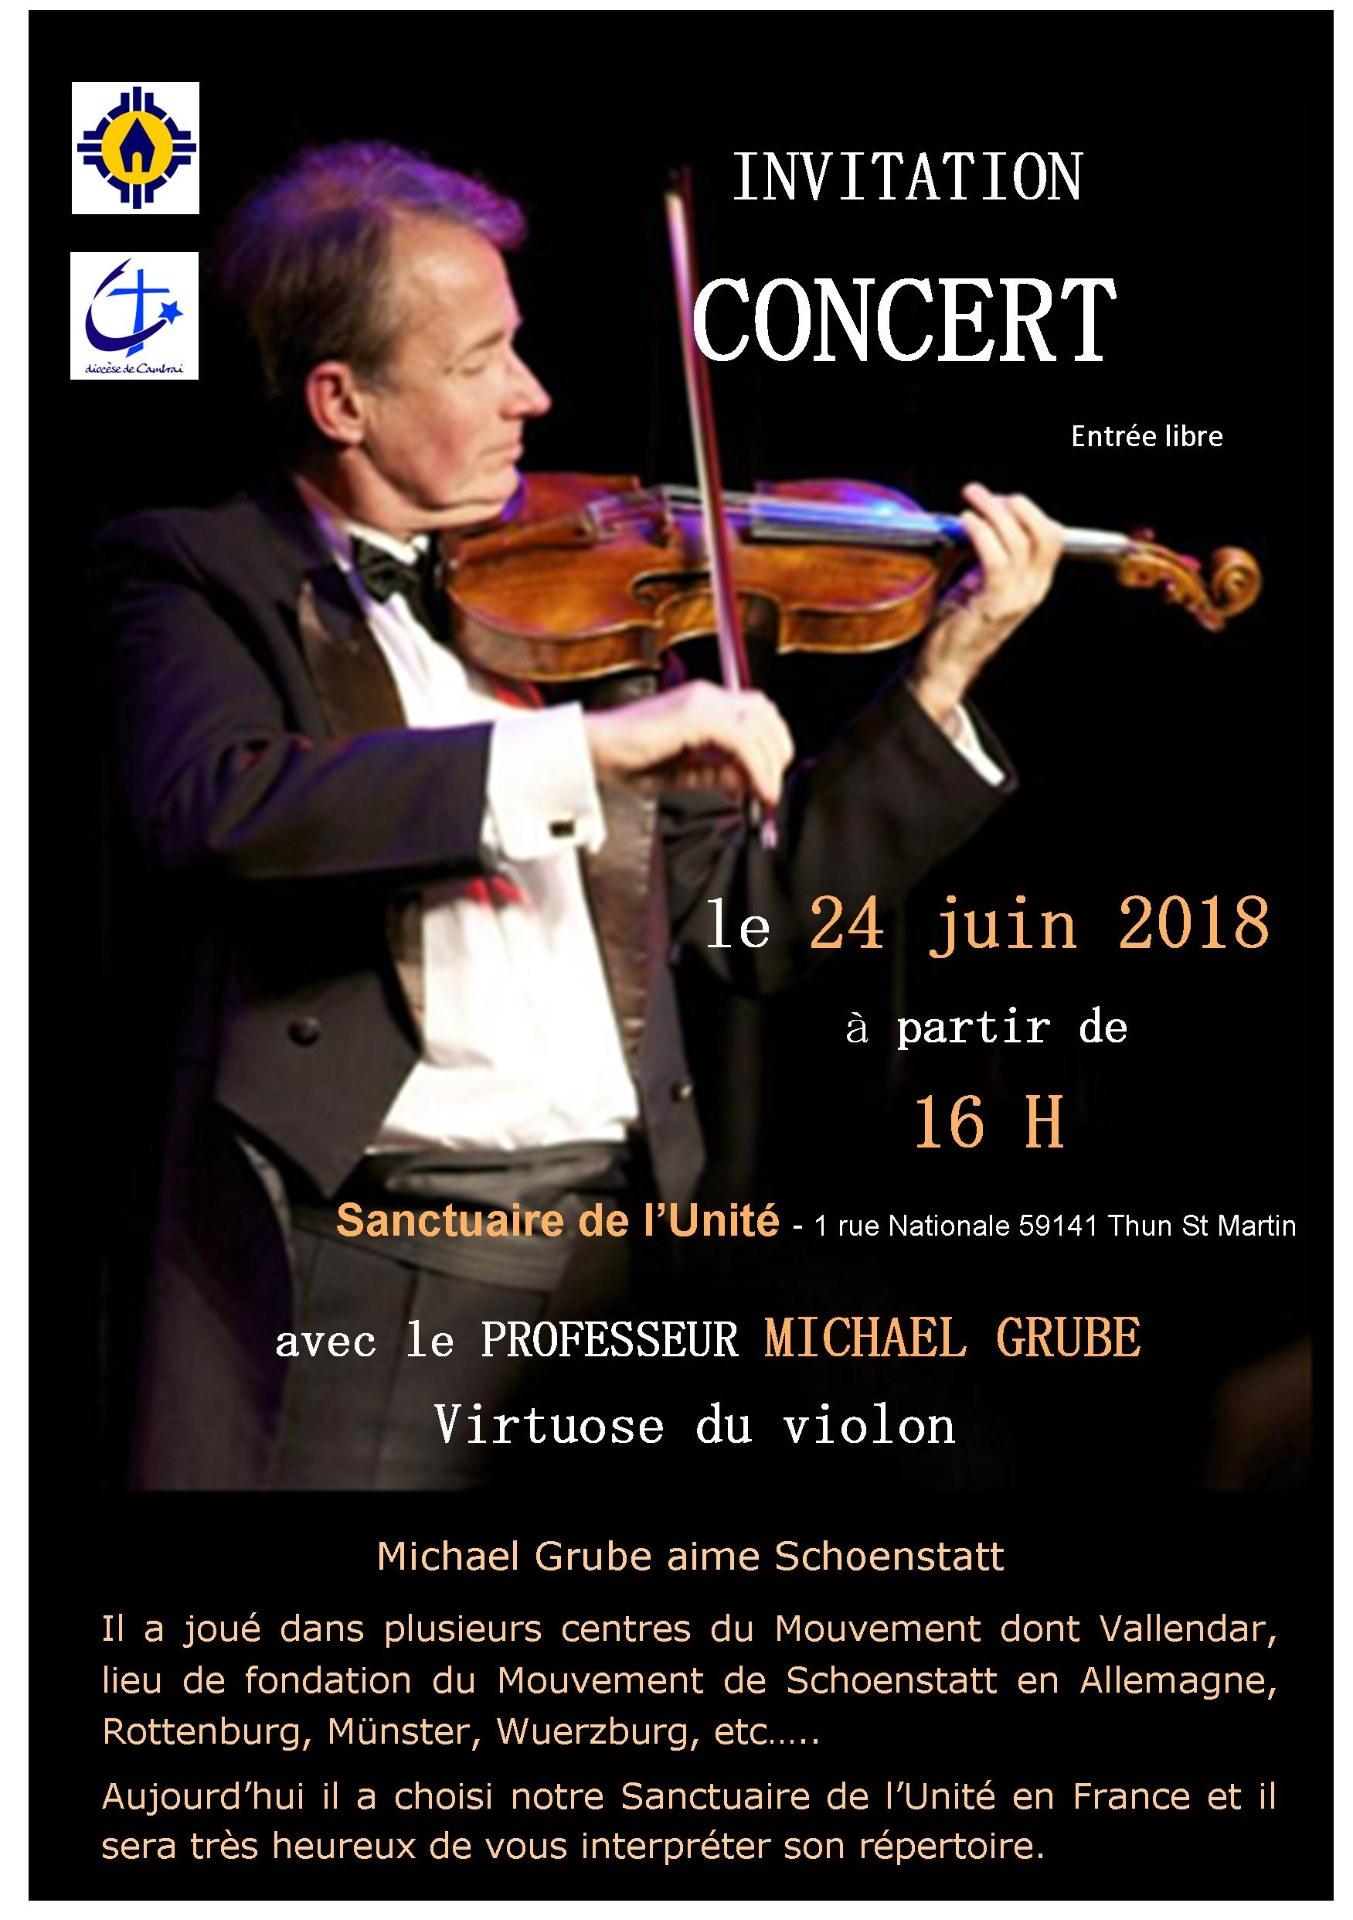 Invitation Concert Michael Grube - 24 juin 2018 -